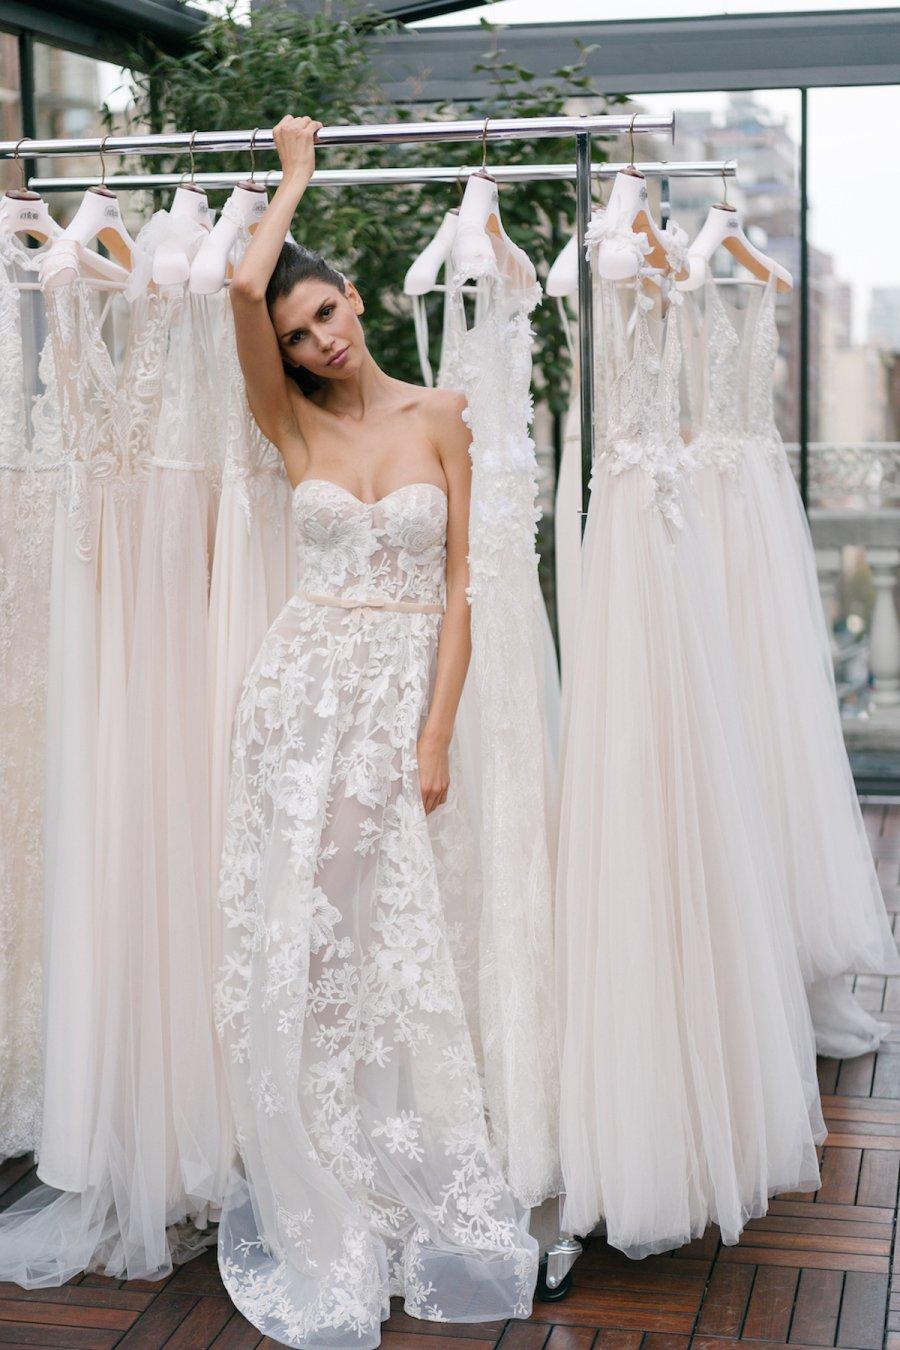 Brautkleidsnittformen - das perfekte Brautkleid für Sie!